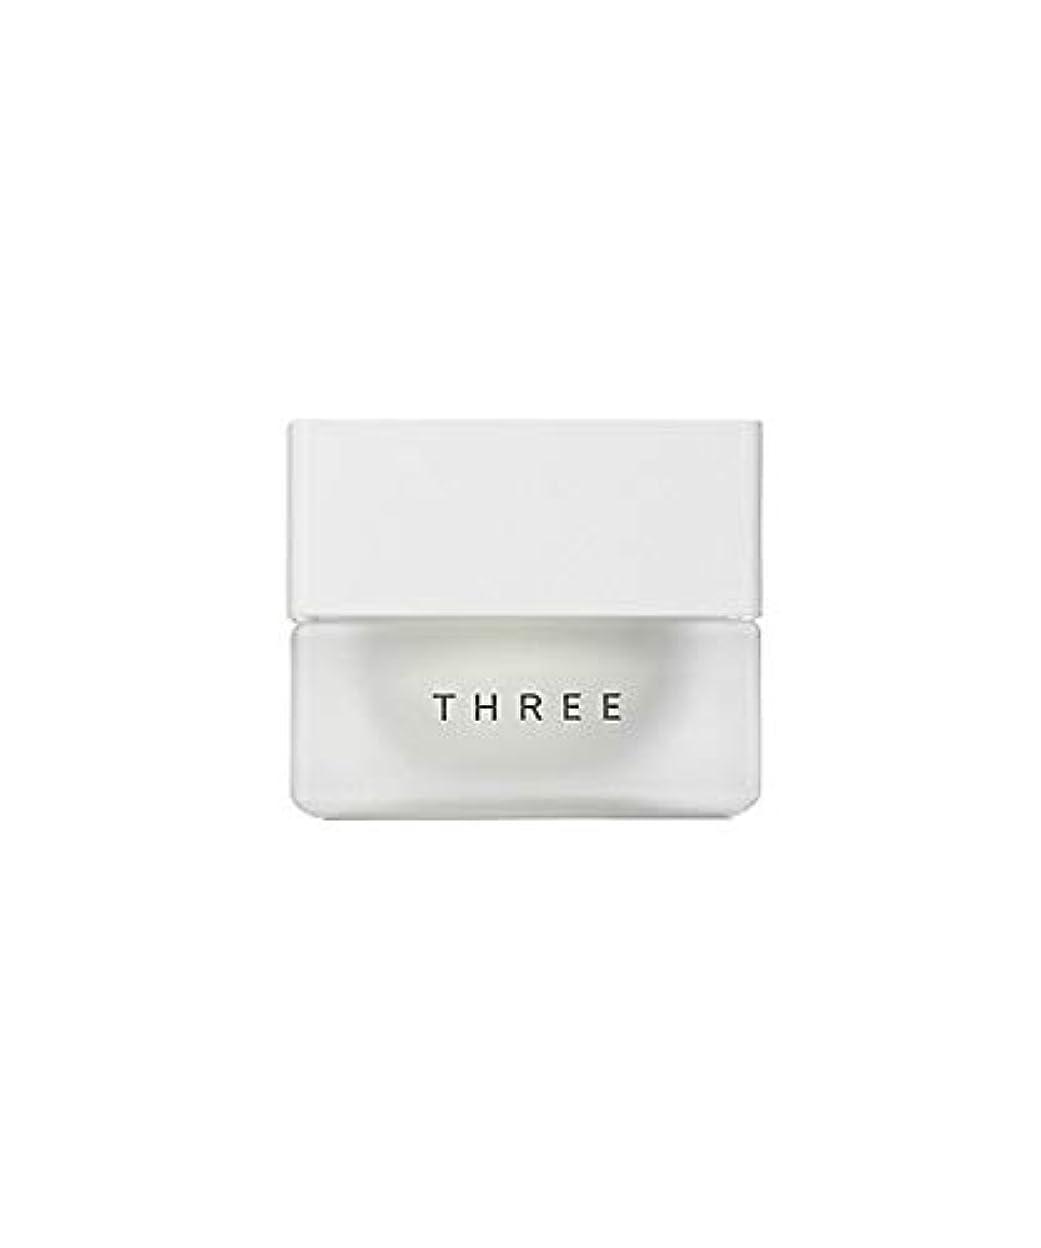 推定する避けられないプログラム【THREE(スリー)】バランシング クリーム R_25g/クリーム